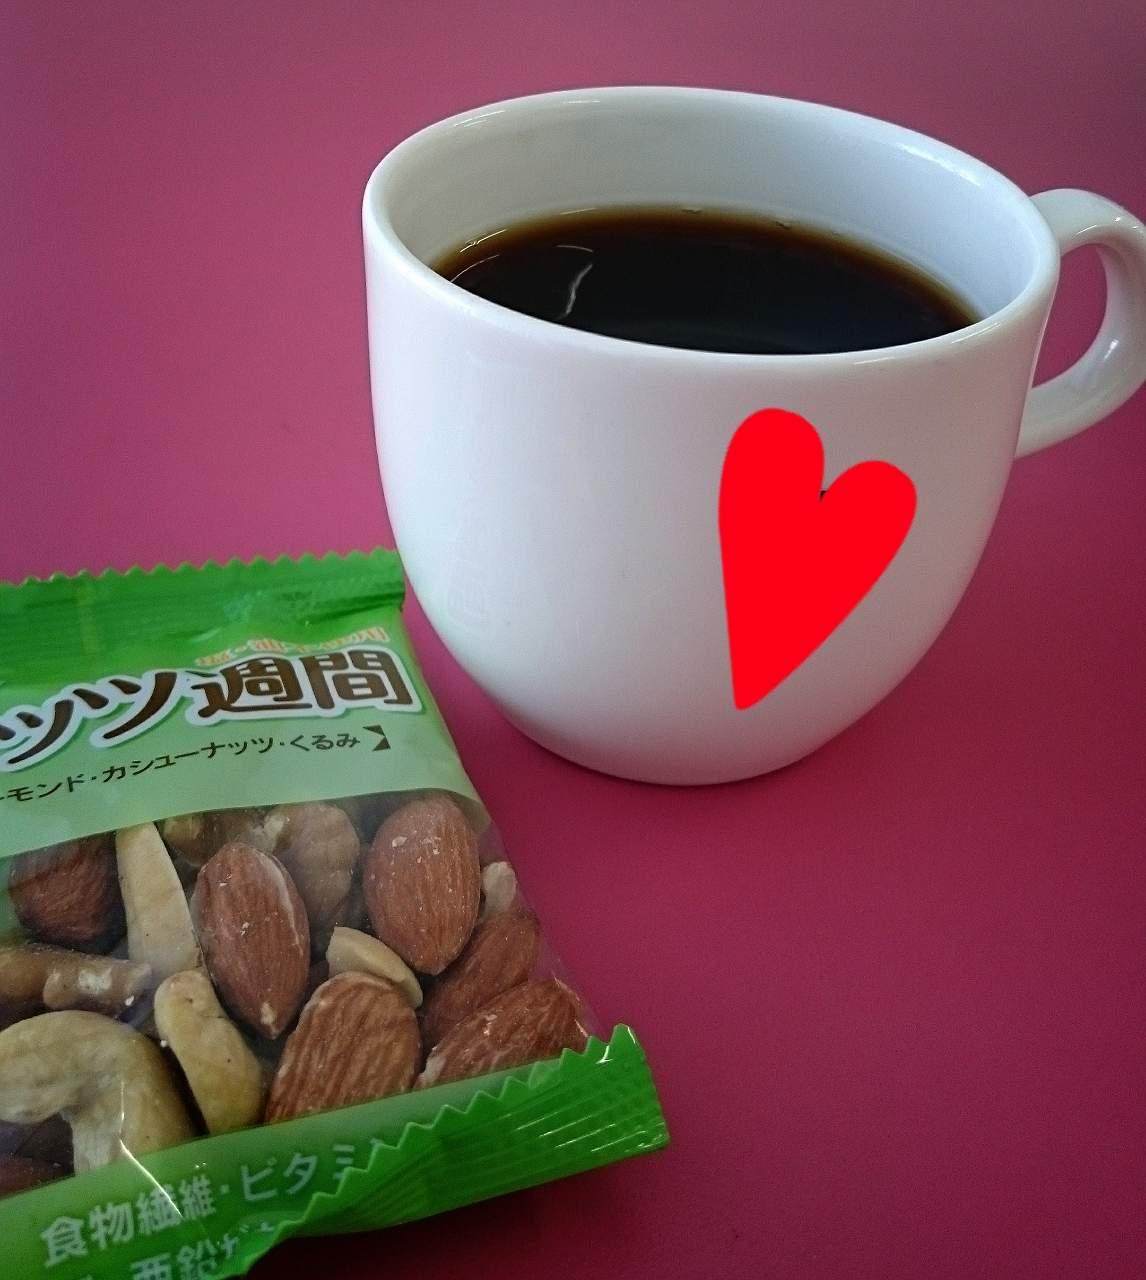 リスク軽減【美味しいコーヒー】のお話